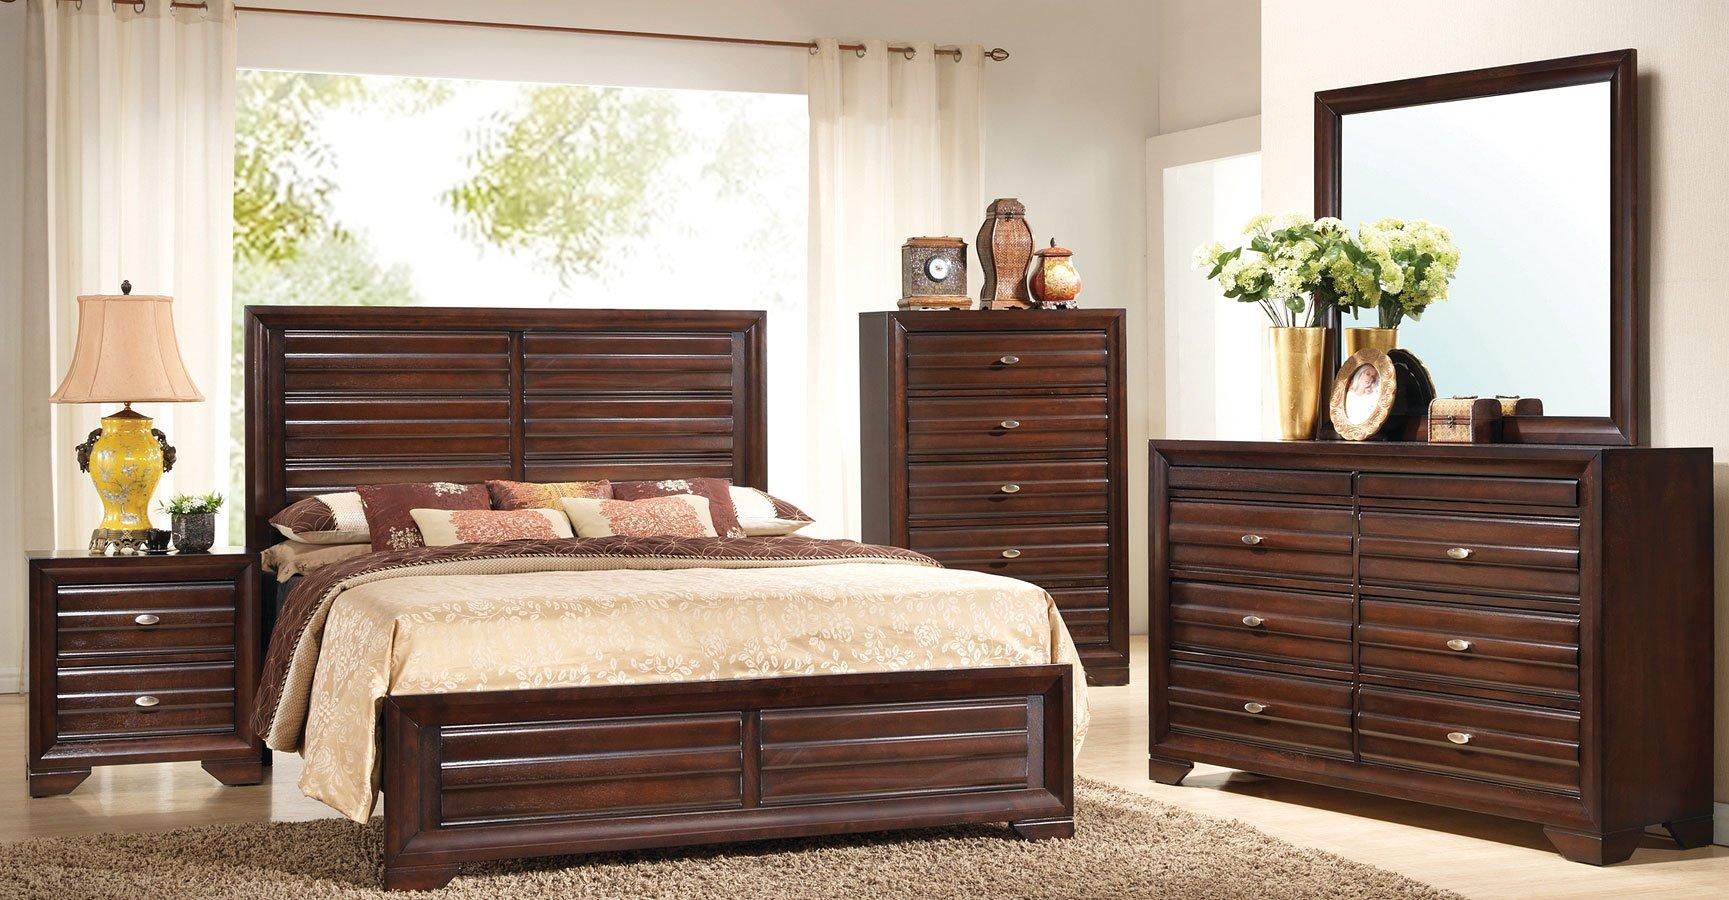 Stella panel bedroom set bedroom sets bedroom for Bedroom furniture sets b q